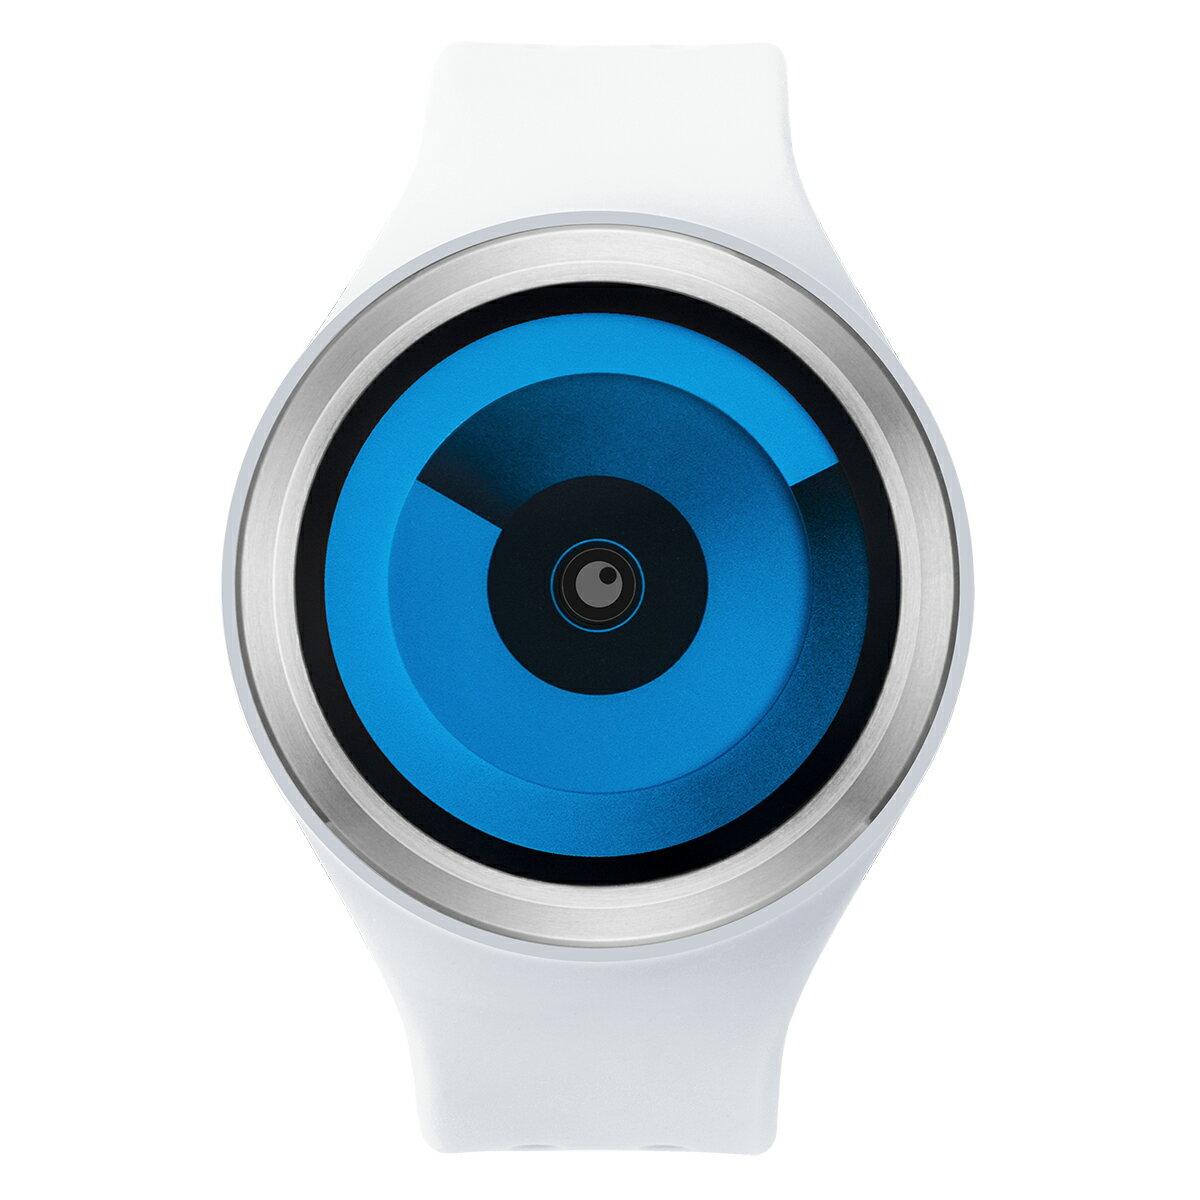 ZEROO SPIRAL GALAXY ゼロ 電池式クォーツ 腕時計 [W00601B01SR01] ホワイト デザインウォッチ ペア用 メンズ レディース ユニセックス おしゃれ時計 デザイナーズ